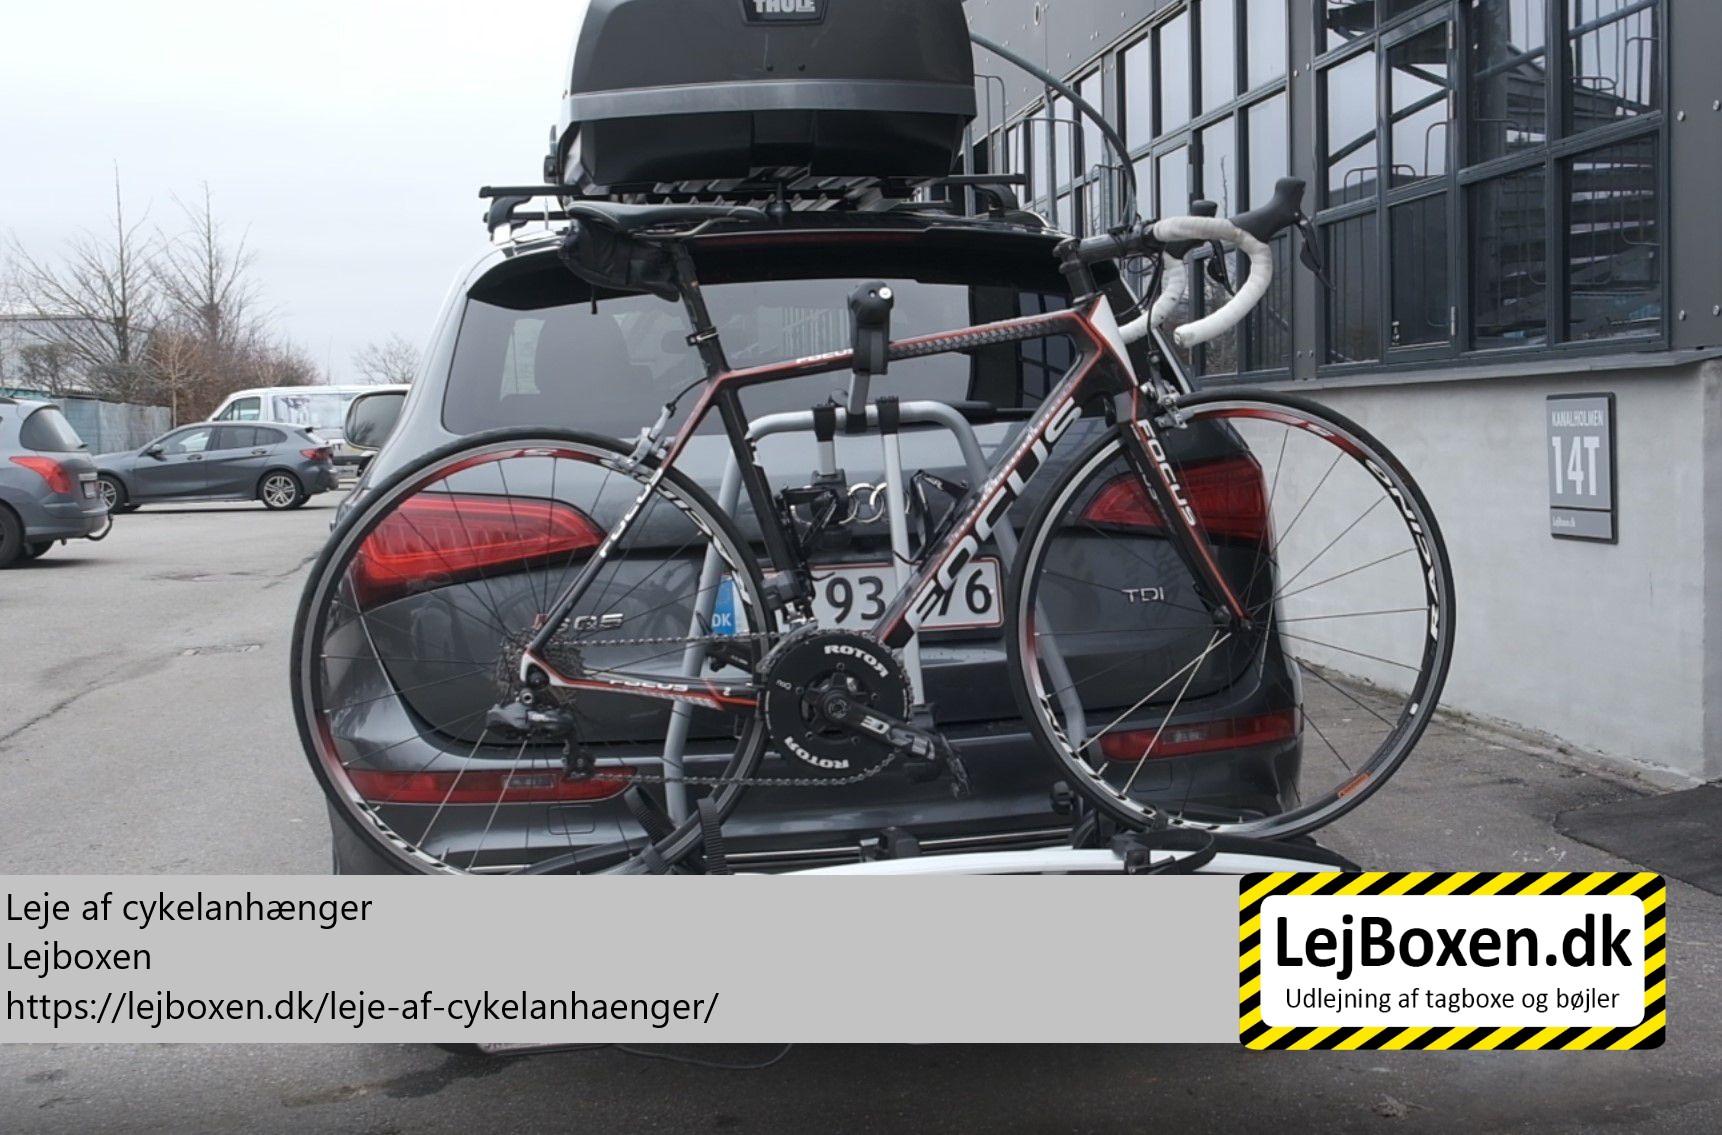 Leje af cykelanhænger